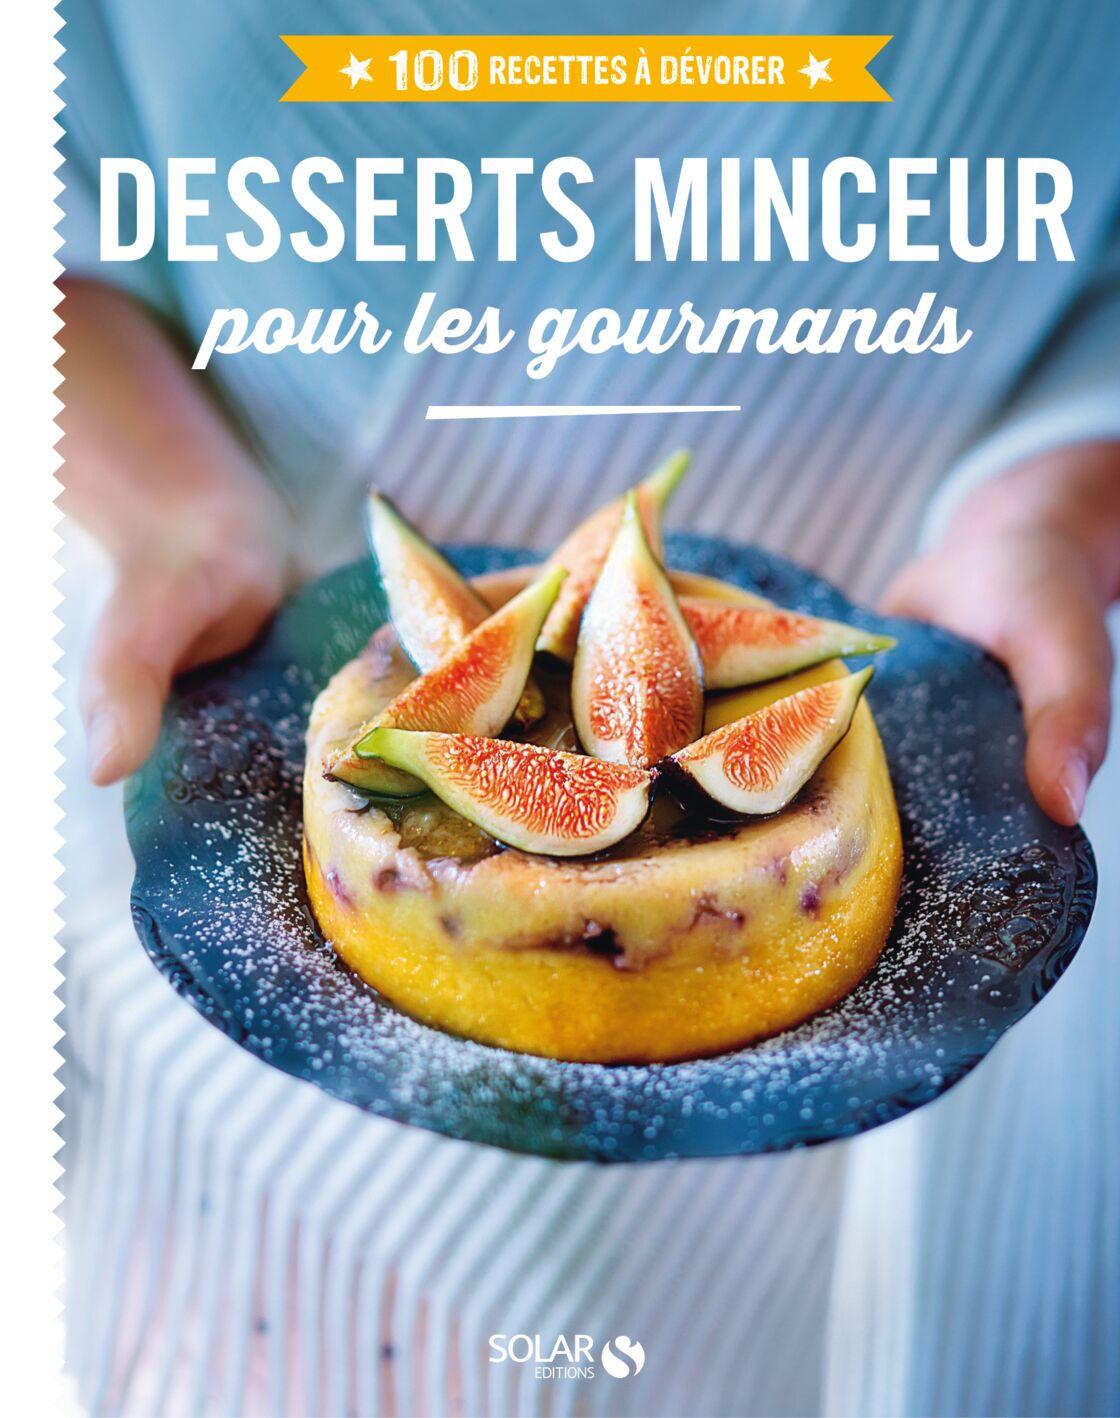 Les 100 meilleurs desserts - Editions ESI